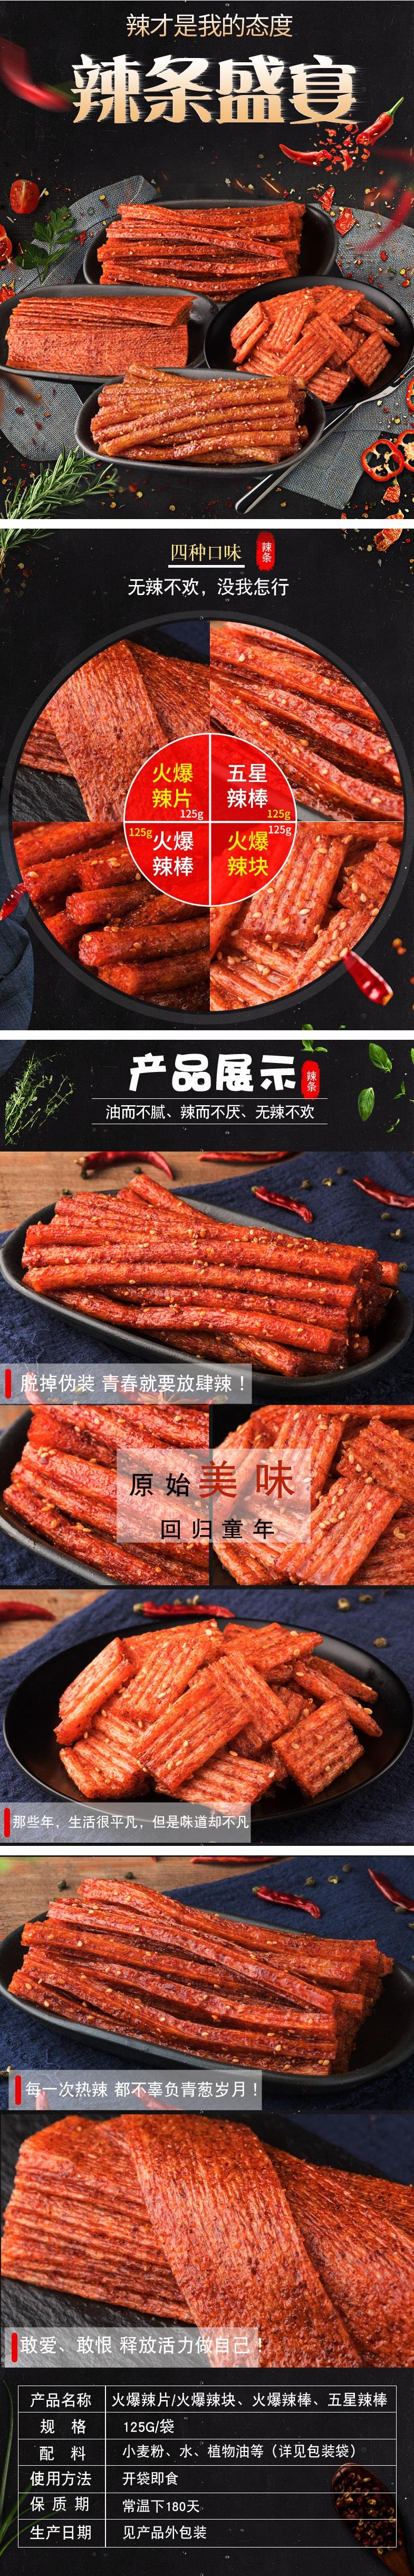 湖南特产  网红辣条4款辣棒大面筋大刀肉辣条麻辣休闲零食小吃125g*20包